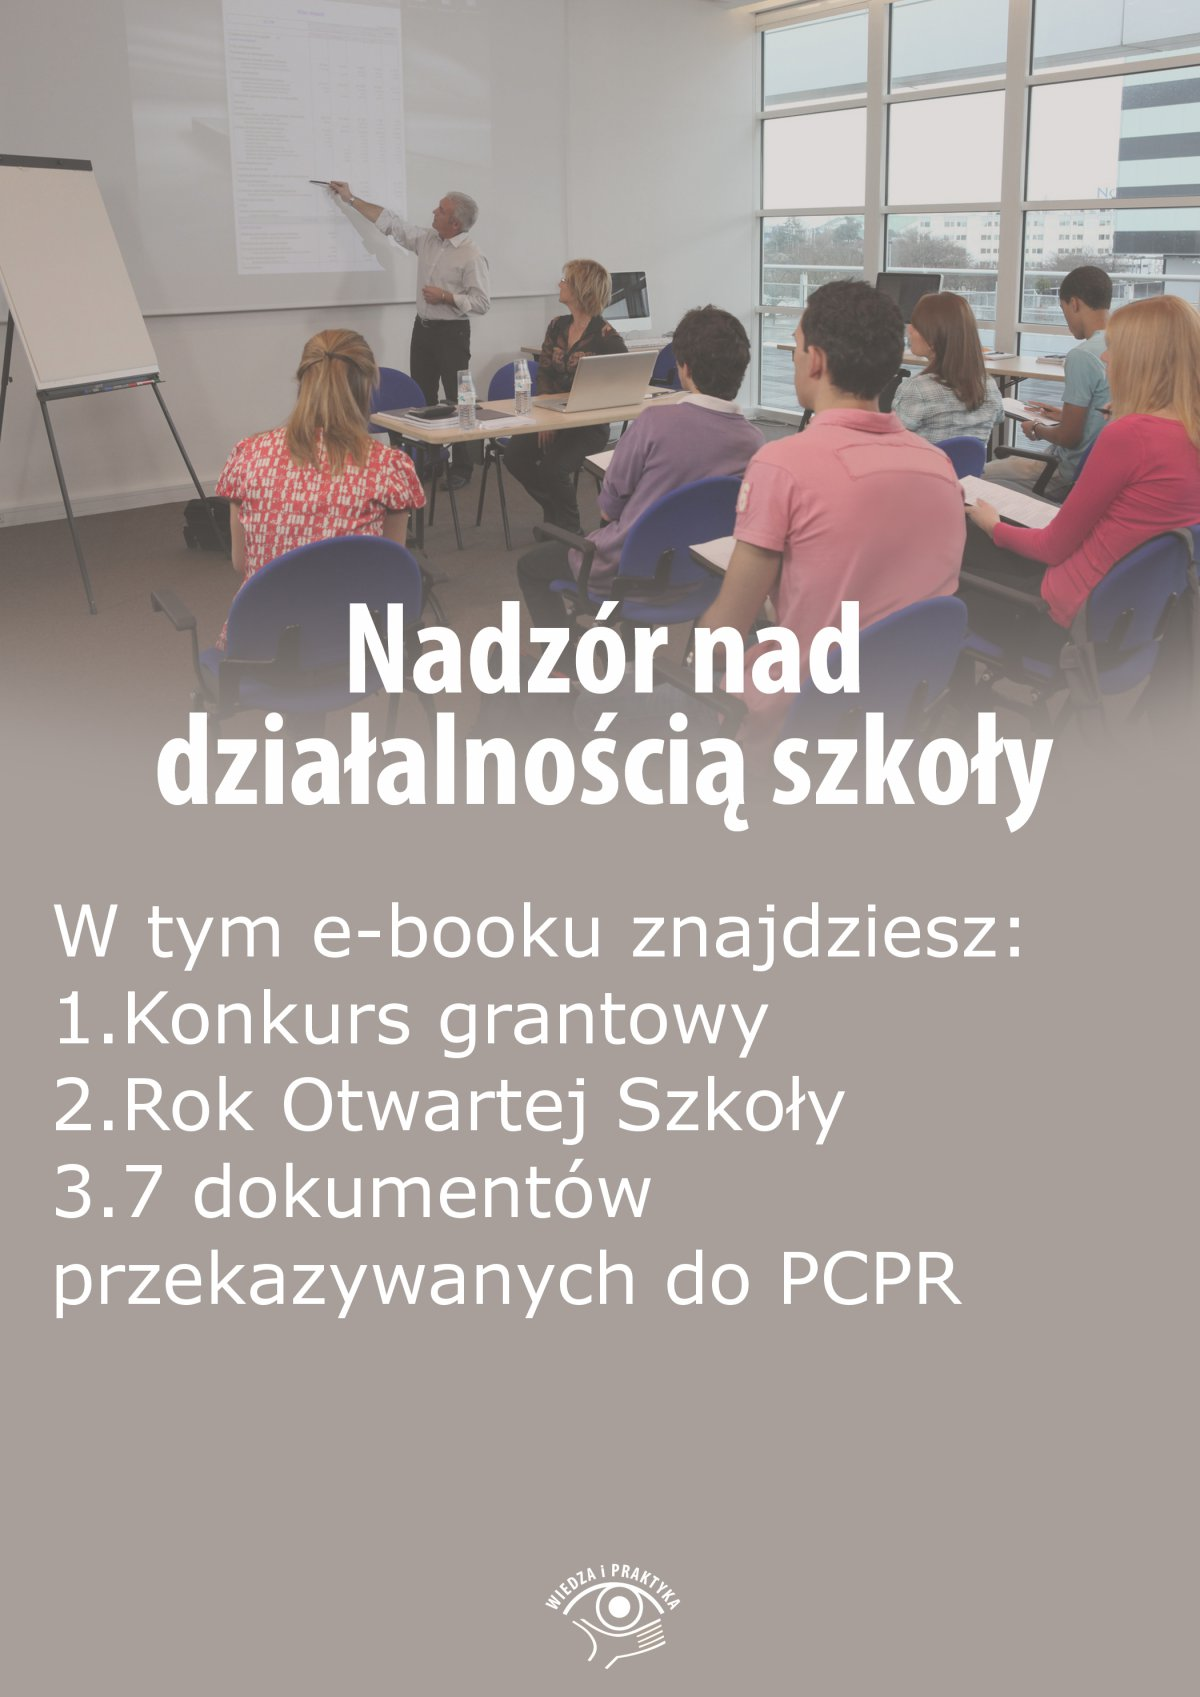 Nadzór nad działalnością szkoły, wydanie lipiec-sierpień 2015 r. - Ebook (Książka EPUB) do pobrania w formacie EPUB